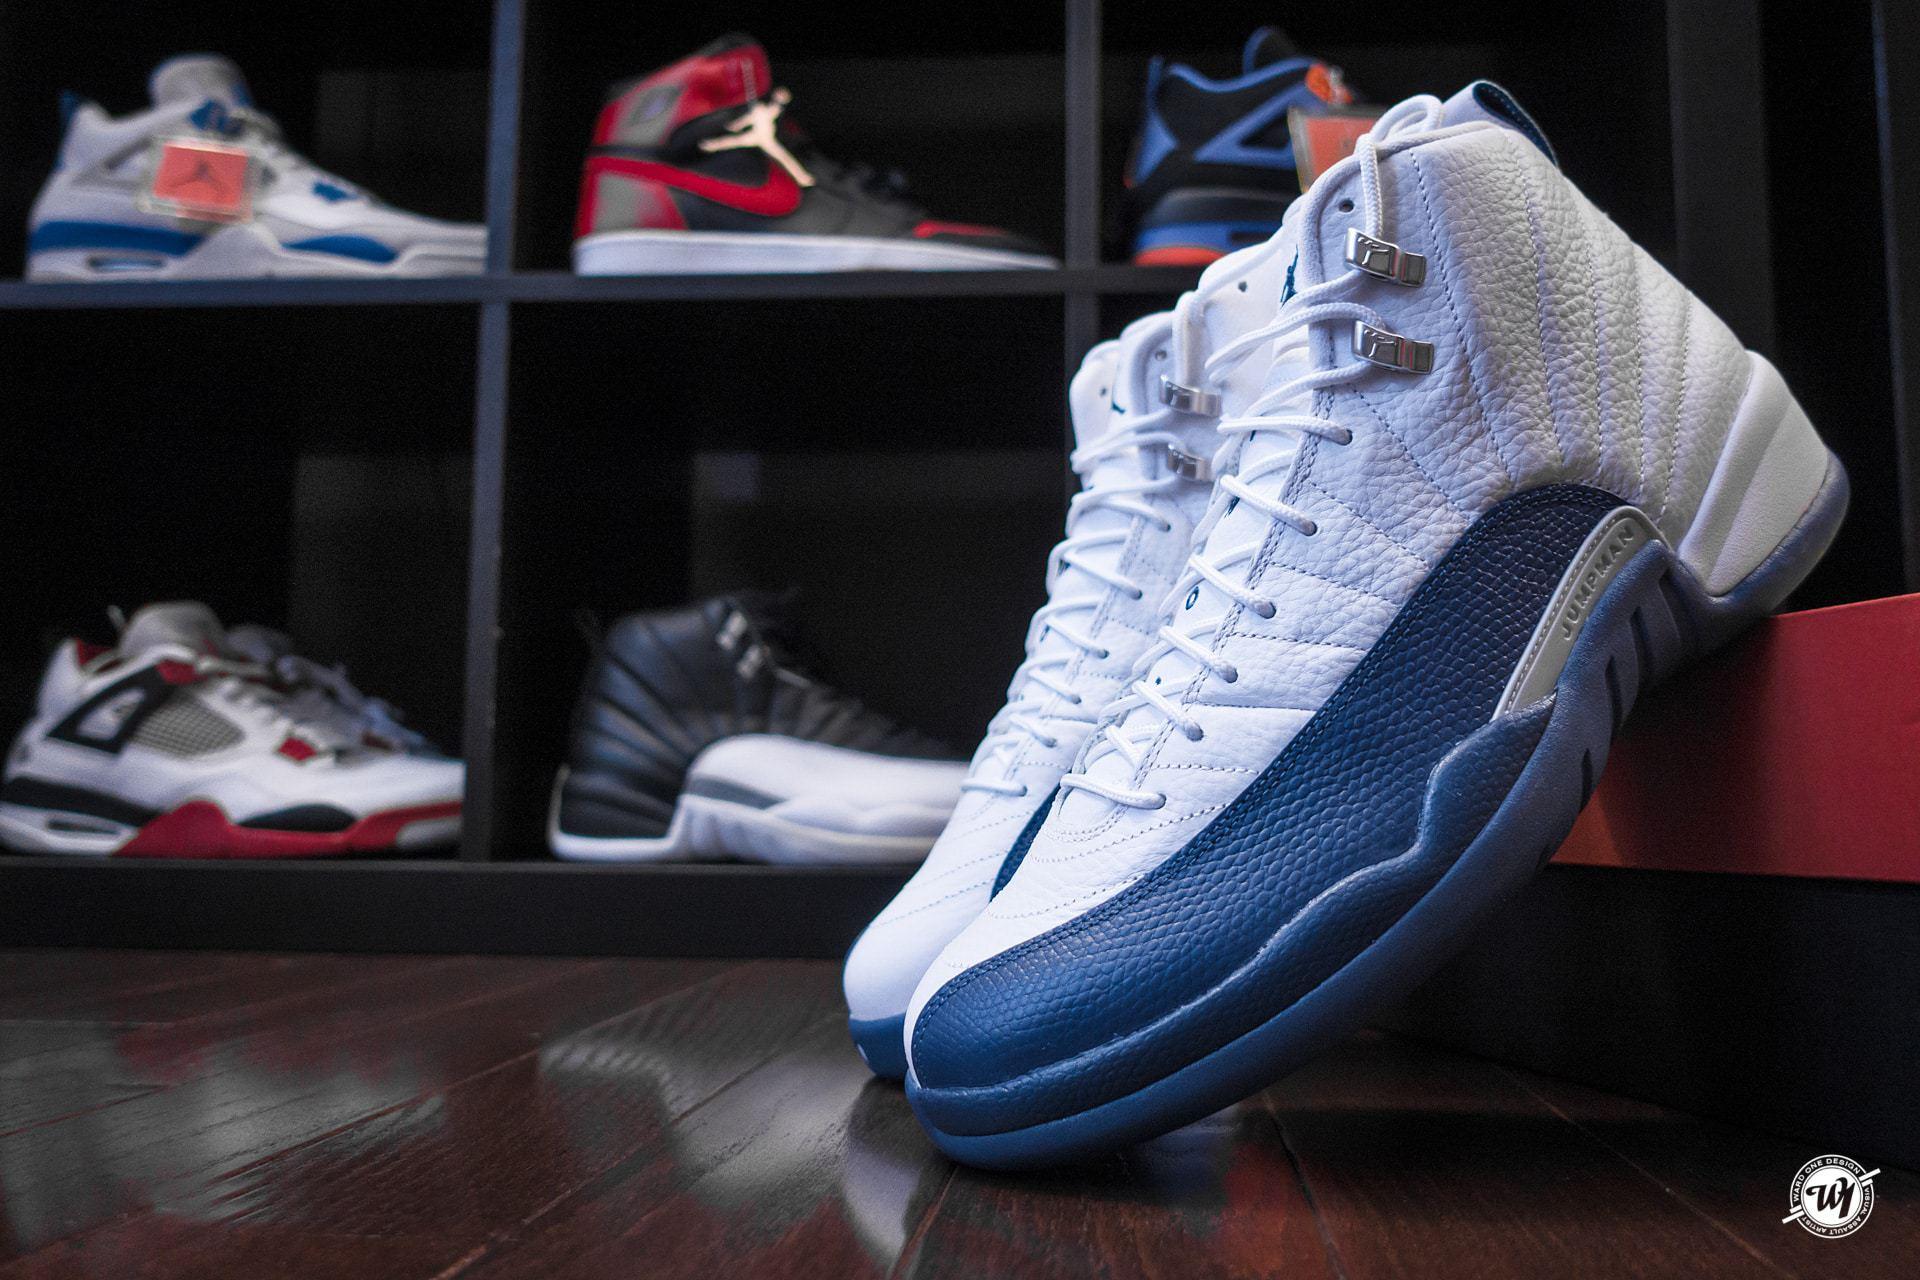 """f155af6726b3 Air Jordan 12 Retro """"French Blue""""   Ward 1 Design"""